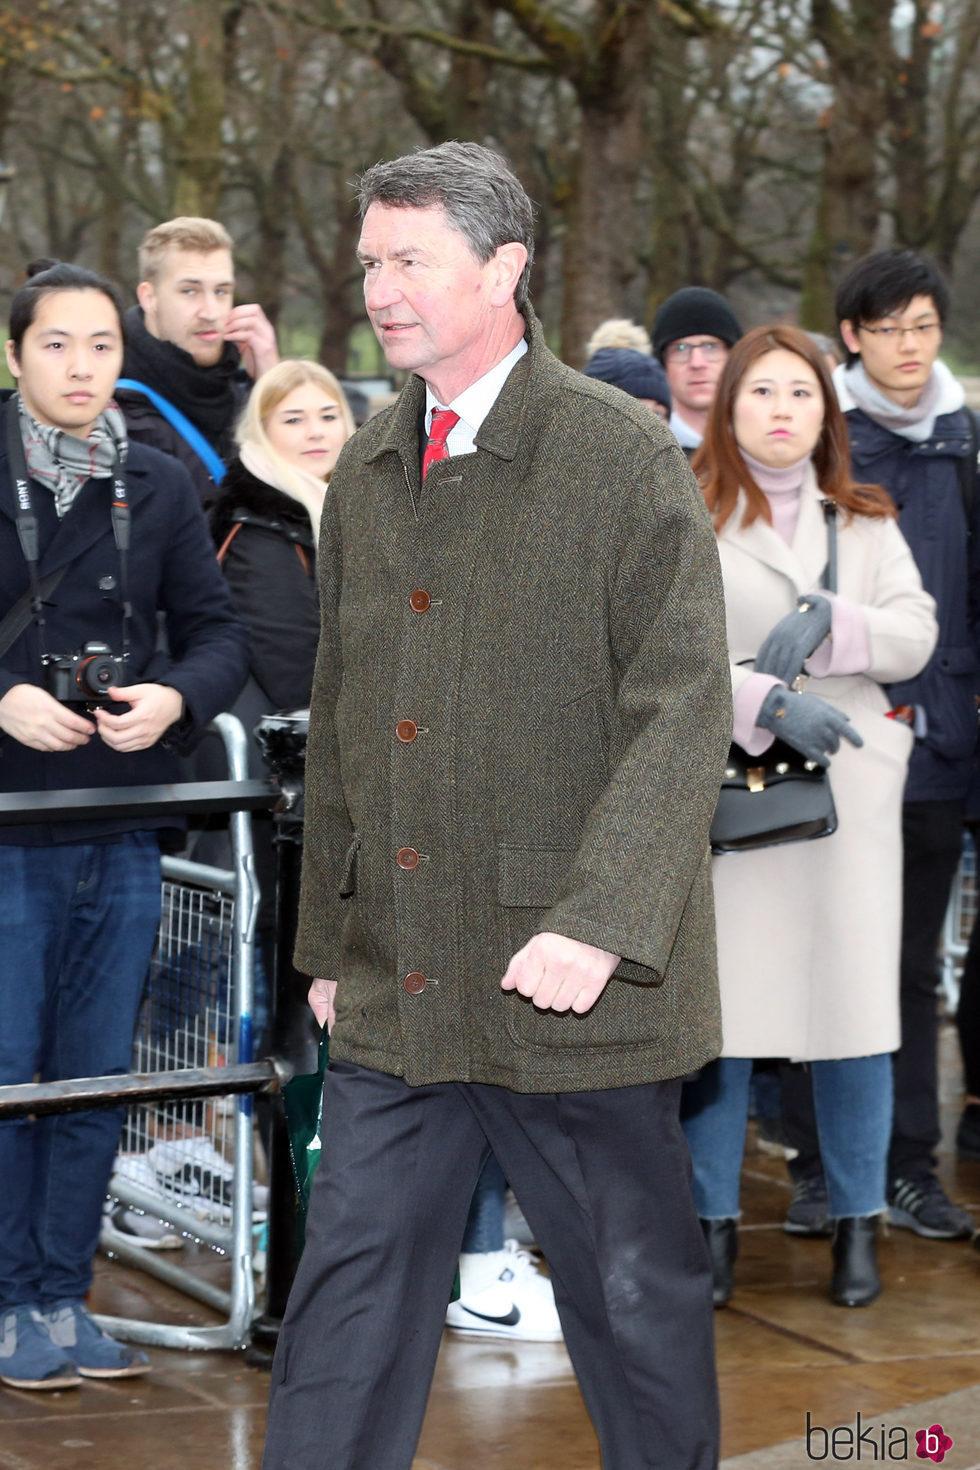 Sir Timothy Laurence en el almuerzo de Navidad 2017 en Buckingham Palace